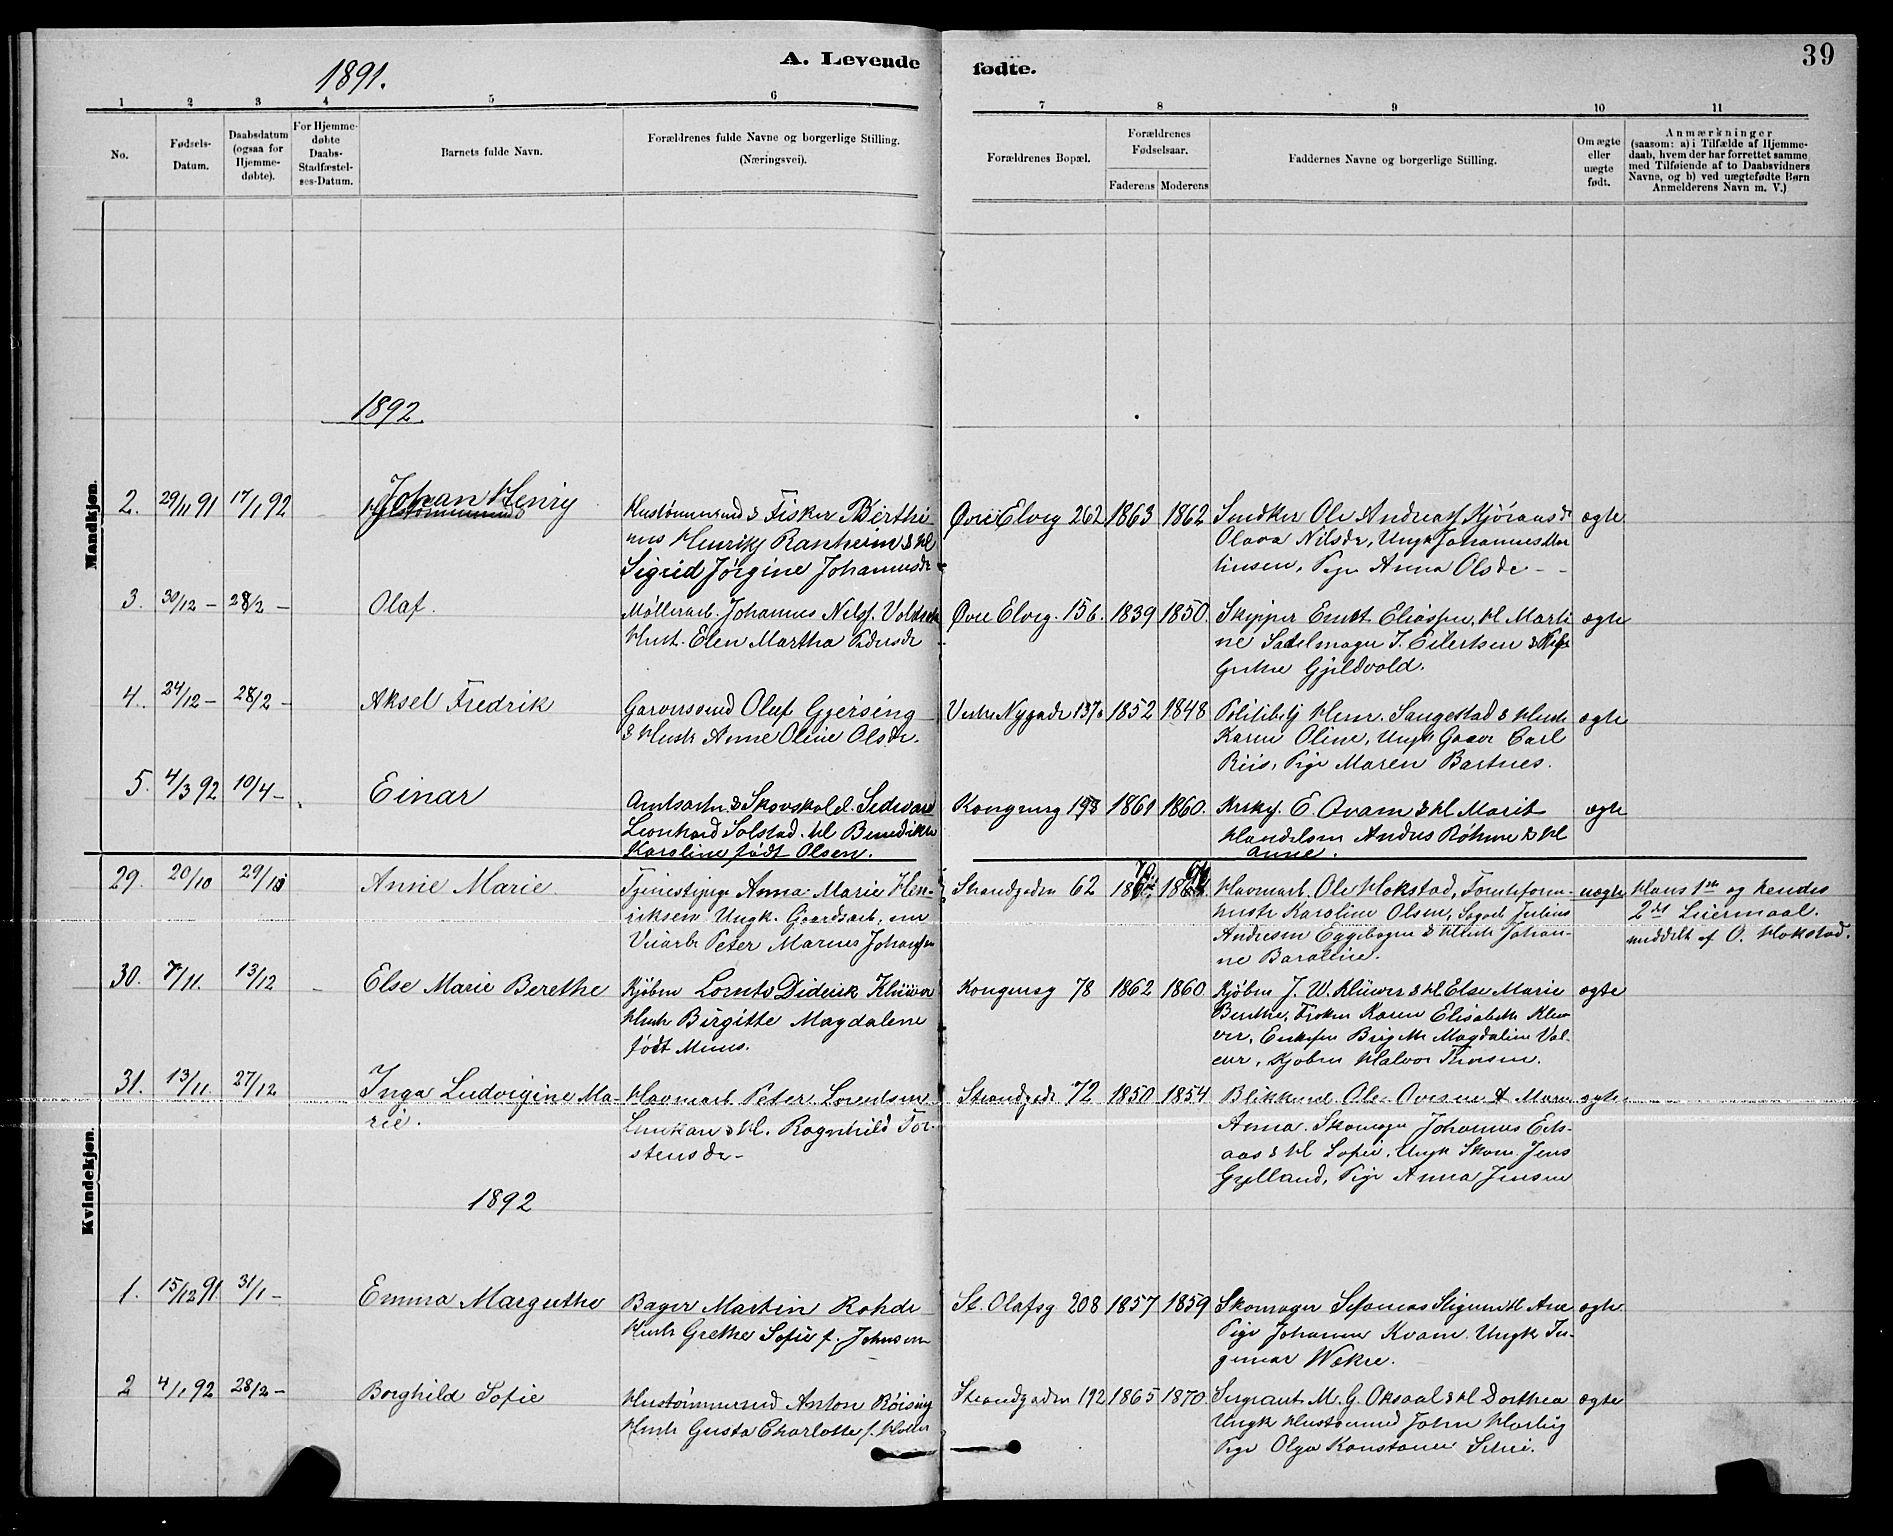 SAT, Ministerialprotokoller, klokkerbøker og fødselsregistre - Nord-Trøndelag, 739/L0374: Klokkerbok nr. 739C02, 1883-1898, s. 39